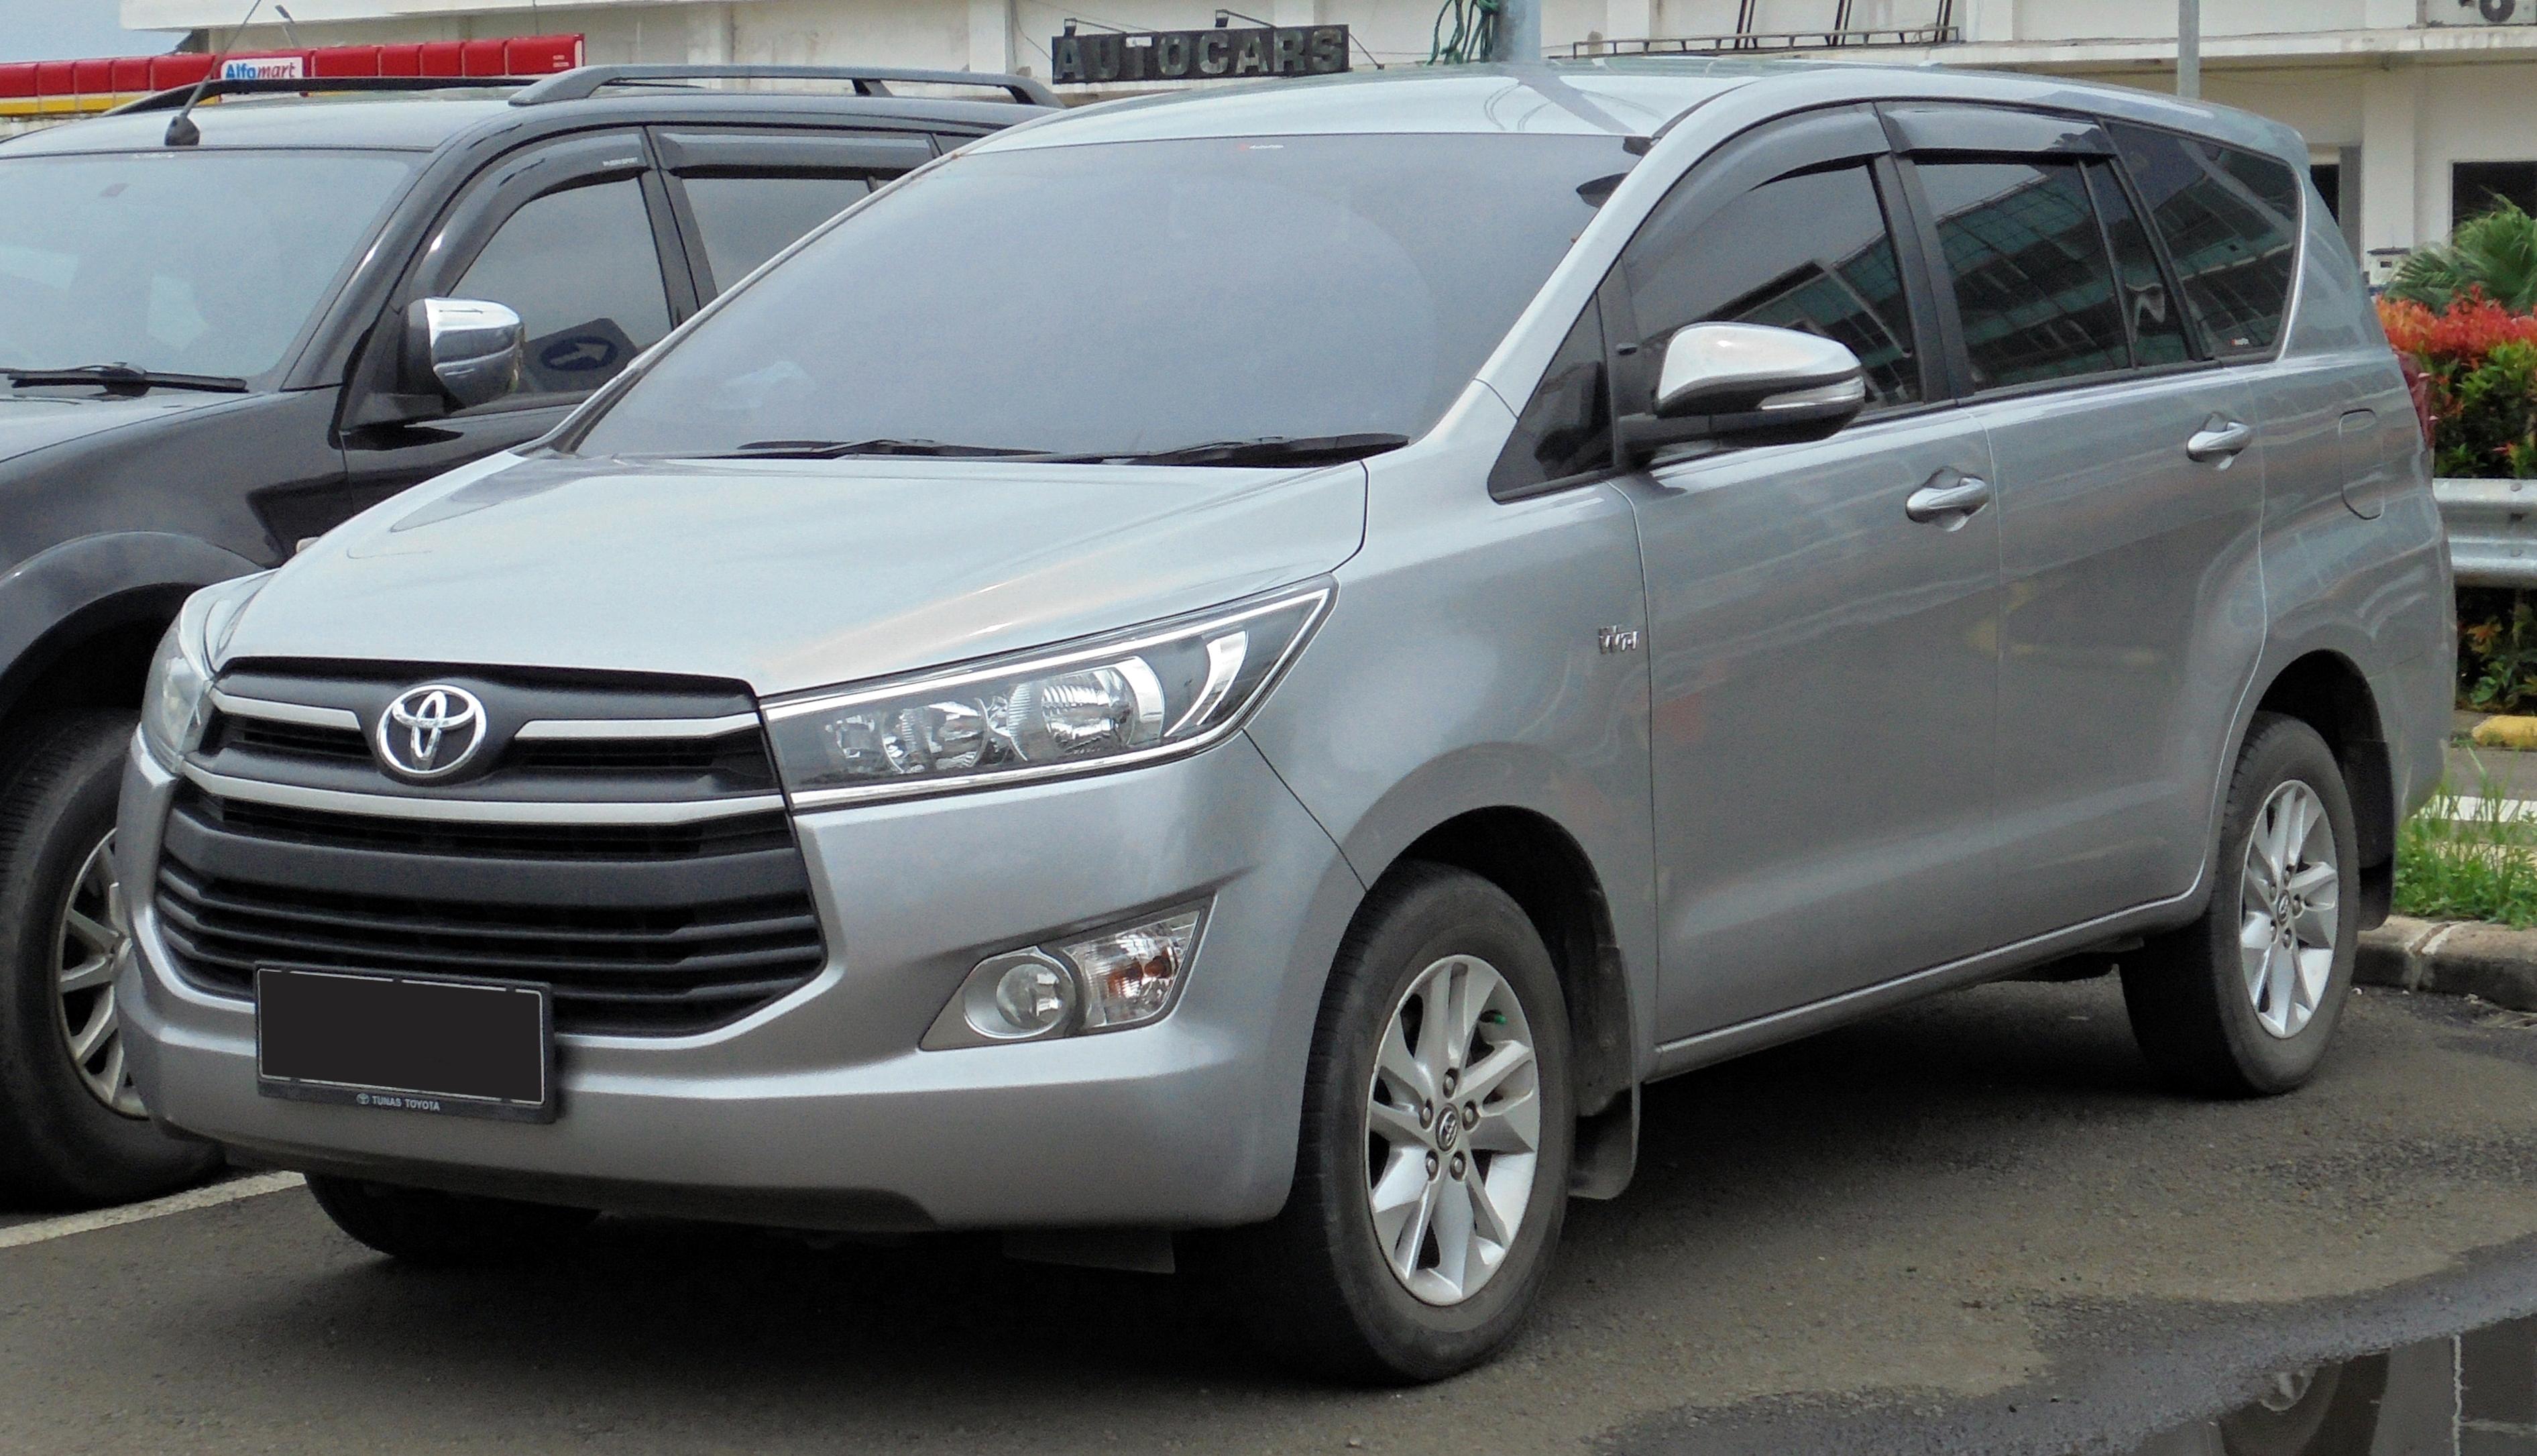 File:2017 Toyota Kijang Innova 2.0 G Wagon (TGN140R; 01-19